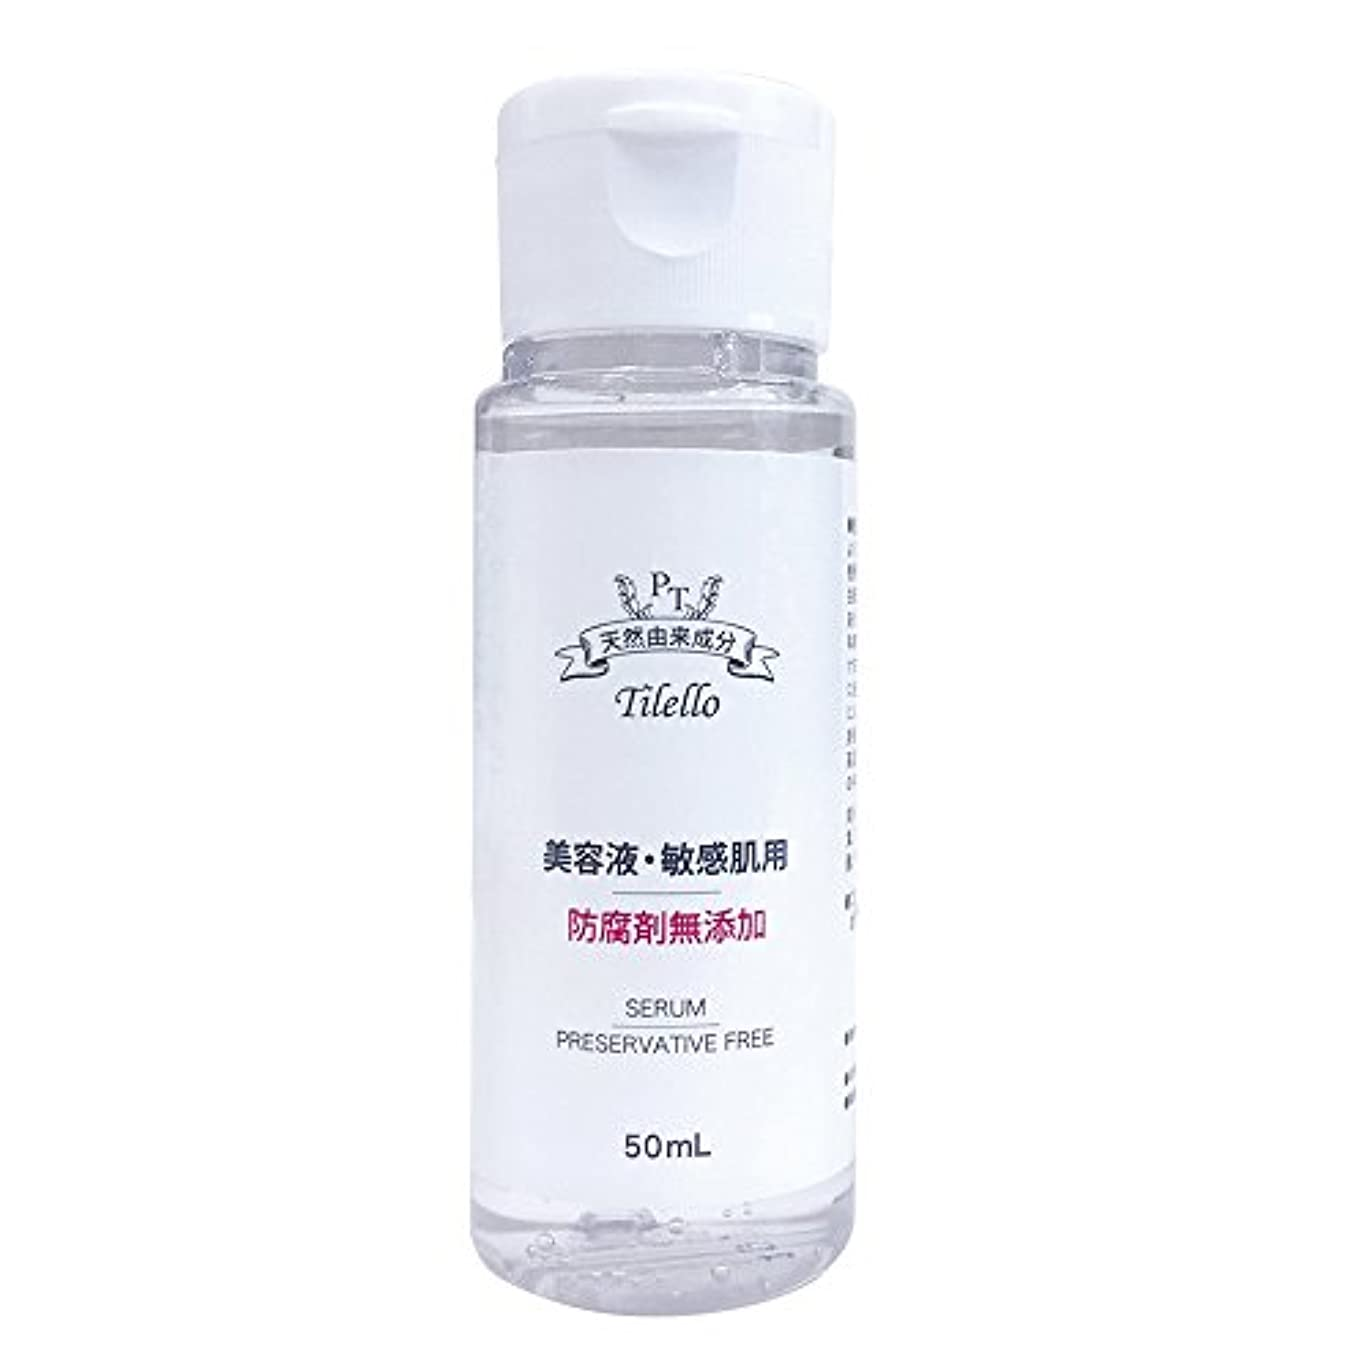 くま称賛カバレッジTilello 美容液 パラベンフリー 防腐剤無添加 天然由来成分